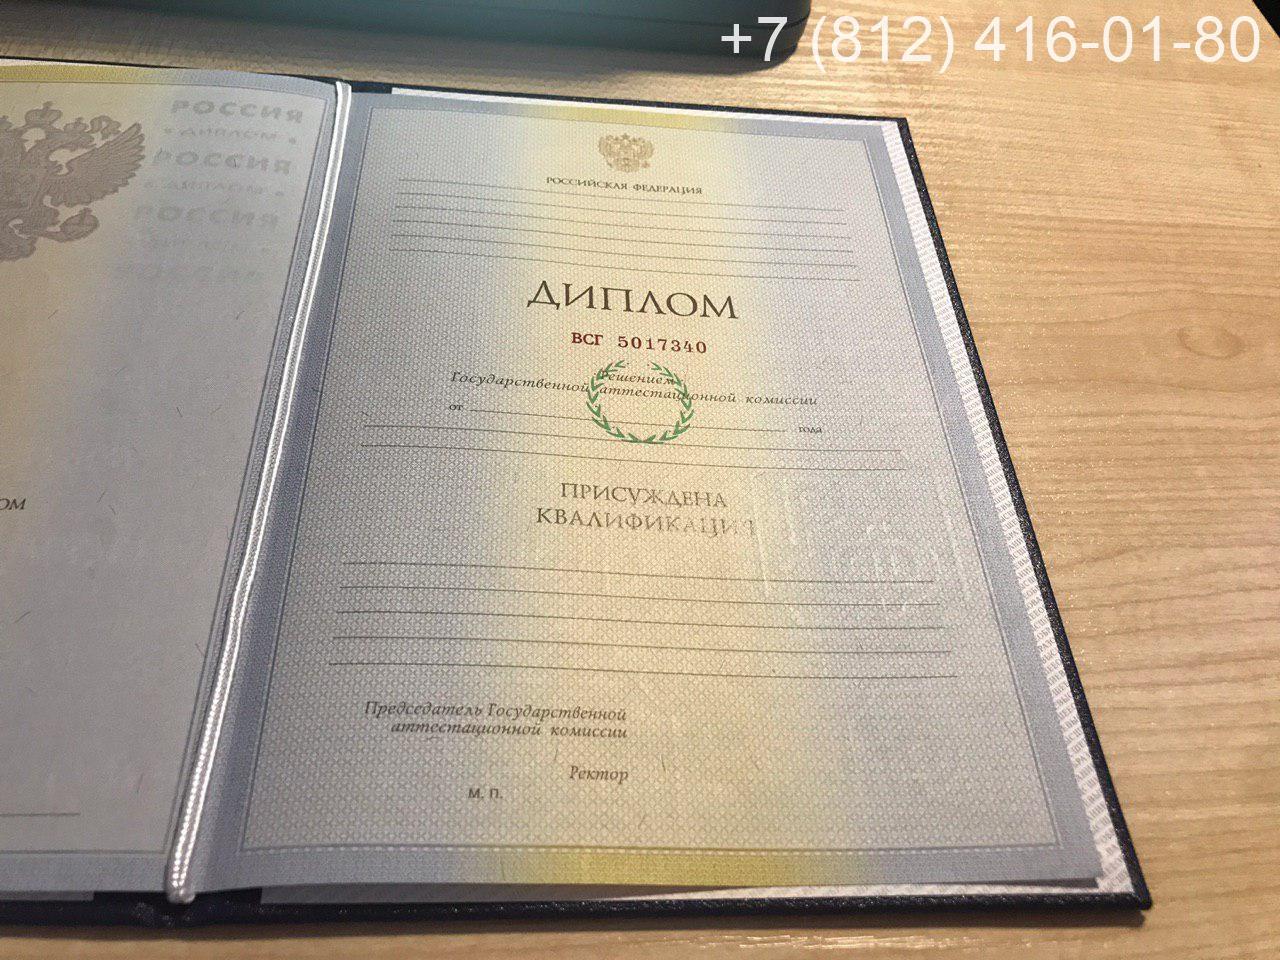 Диплом специалиста 2009-2010 годов, старого образца